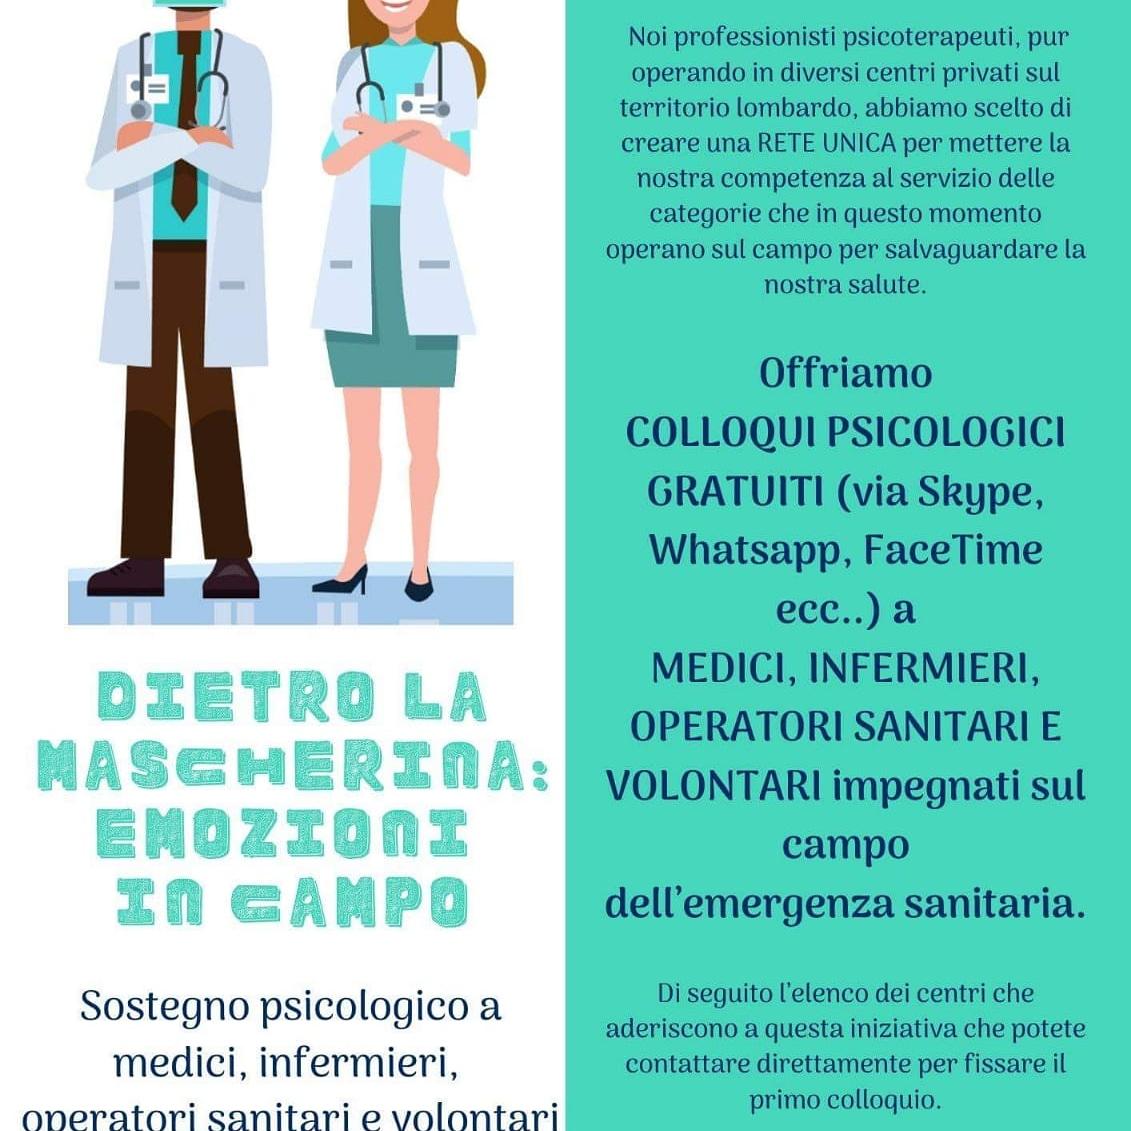 Coronavirus, teleconsulti gratuiti con psicologi e psicoanalisti